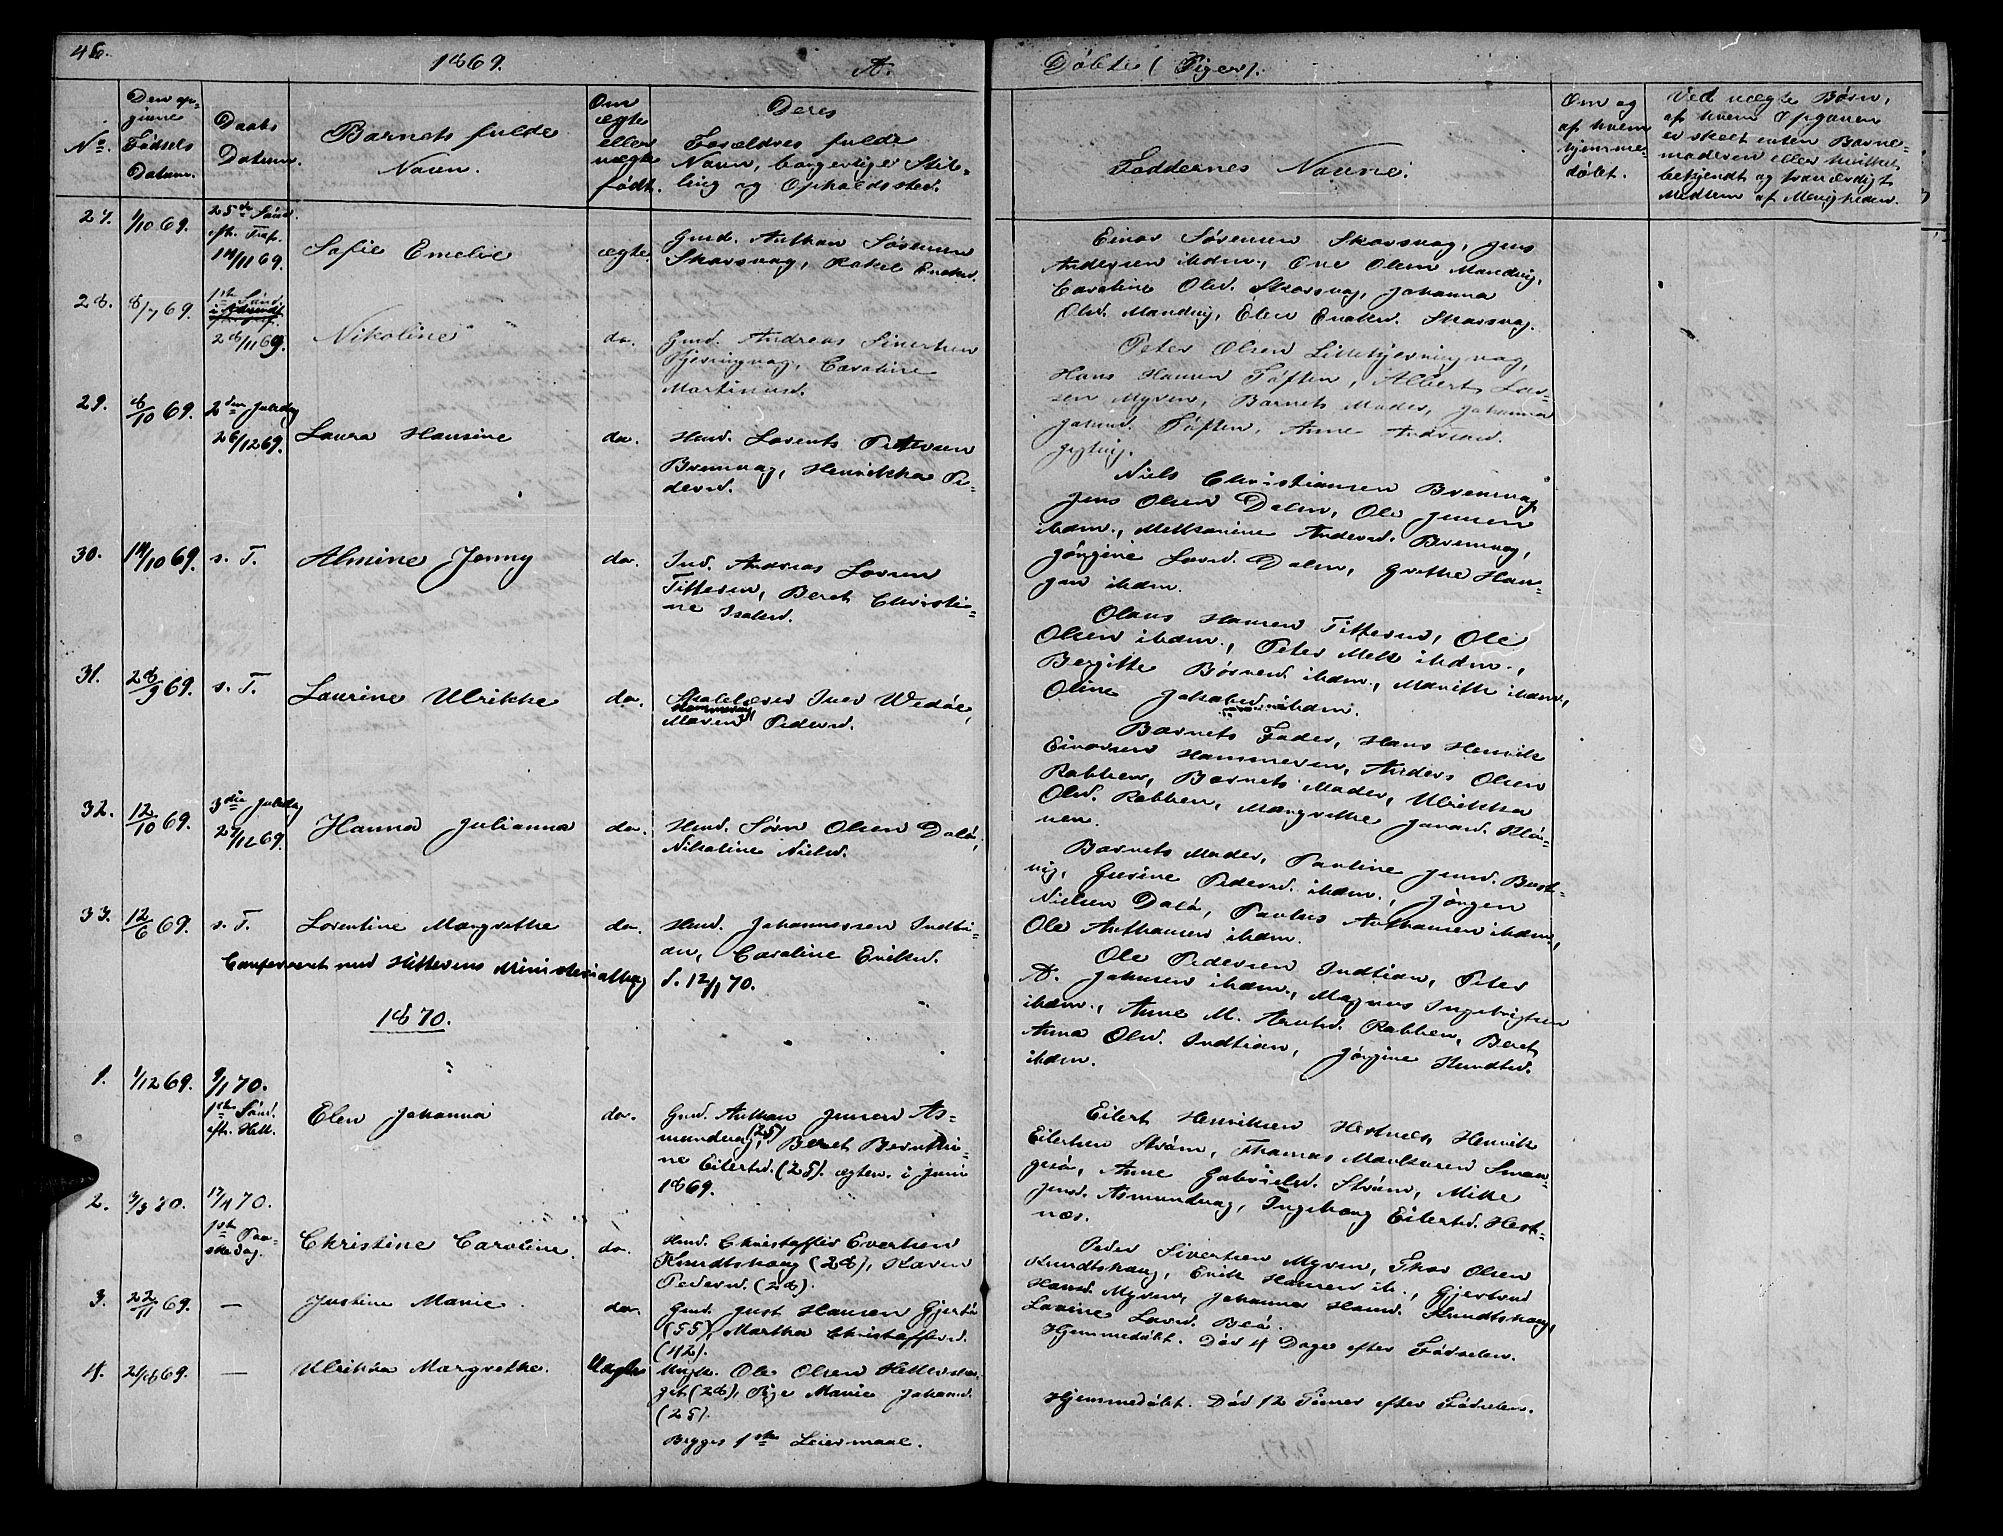 SAT, Ministerialprotokoller, klokkerbøker og fødselsregistre - Sør-Trøndelag, 634/L0539: Klokkerbok nr. 634C01, 1866-1873, s. 46